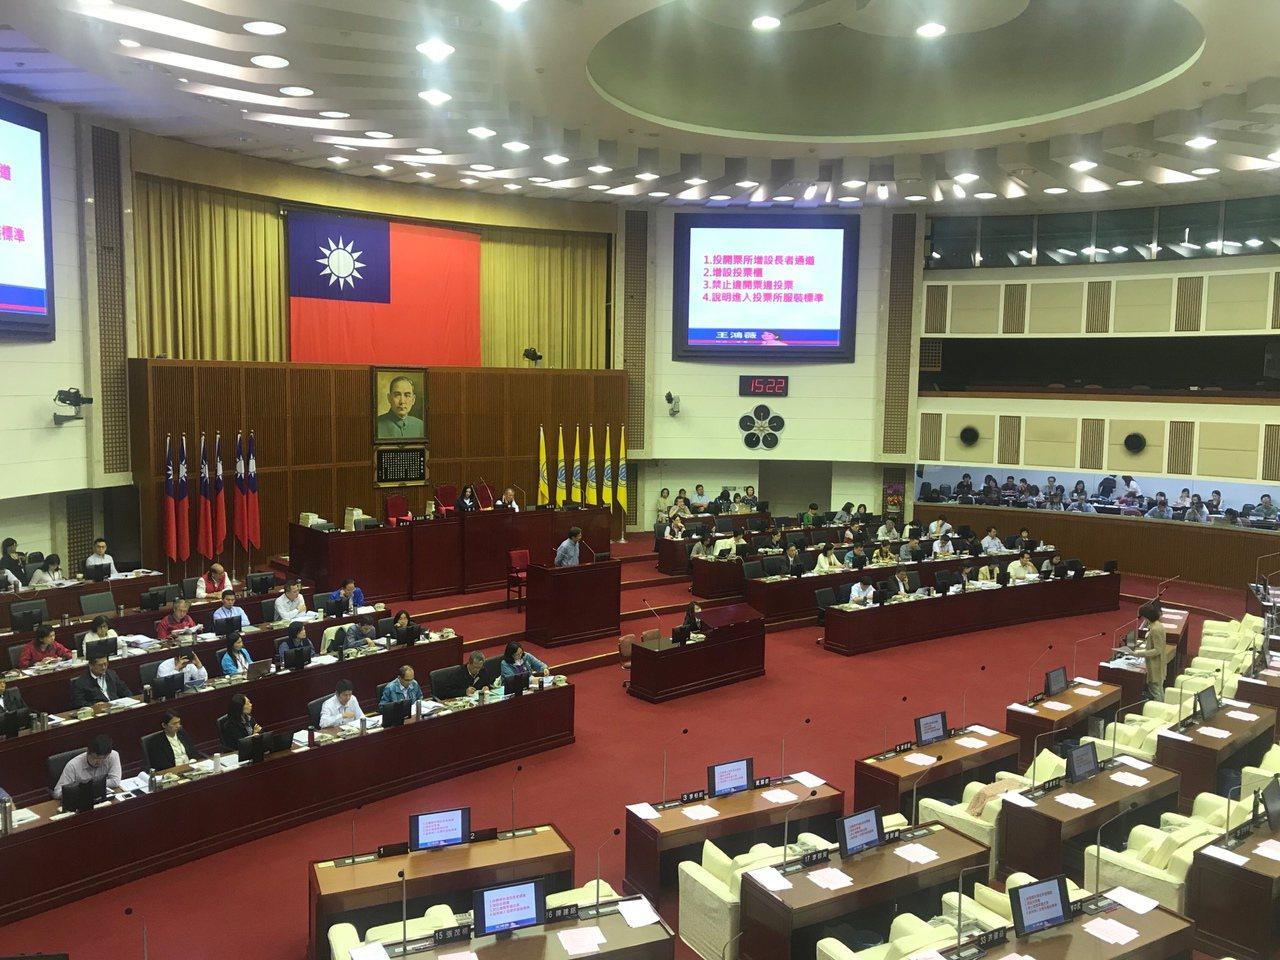 台北市議員王浩下午在議會質詢指出,北市近4年違反勞基法件數共272件,但大專院校...